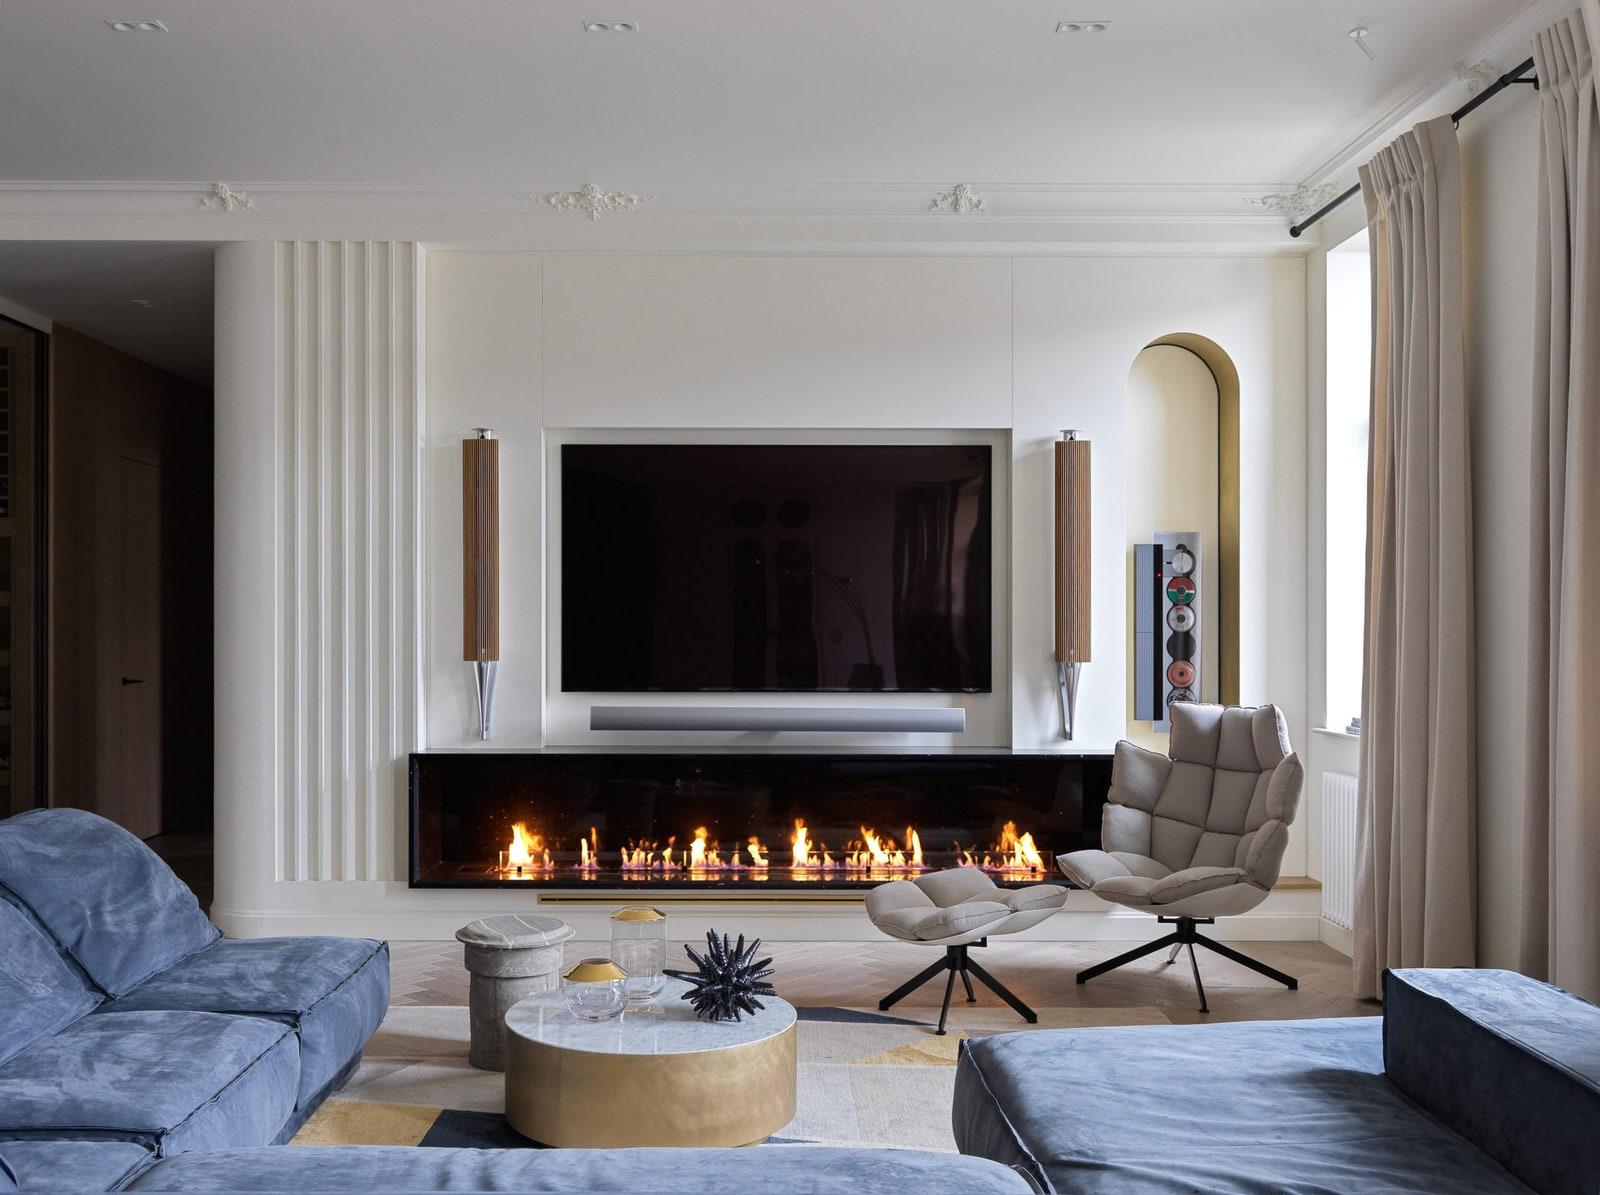 240 .  Baxter  Tapis Rouge Atelier     Dordi     Savour Design            Mebel.pw  BampB Italia     Mpamop.ru  Flambis.